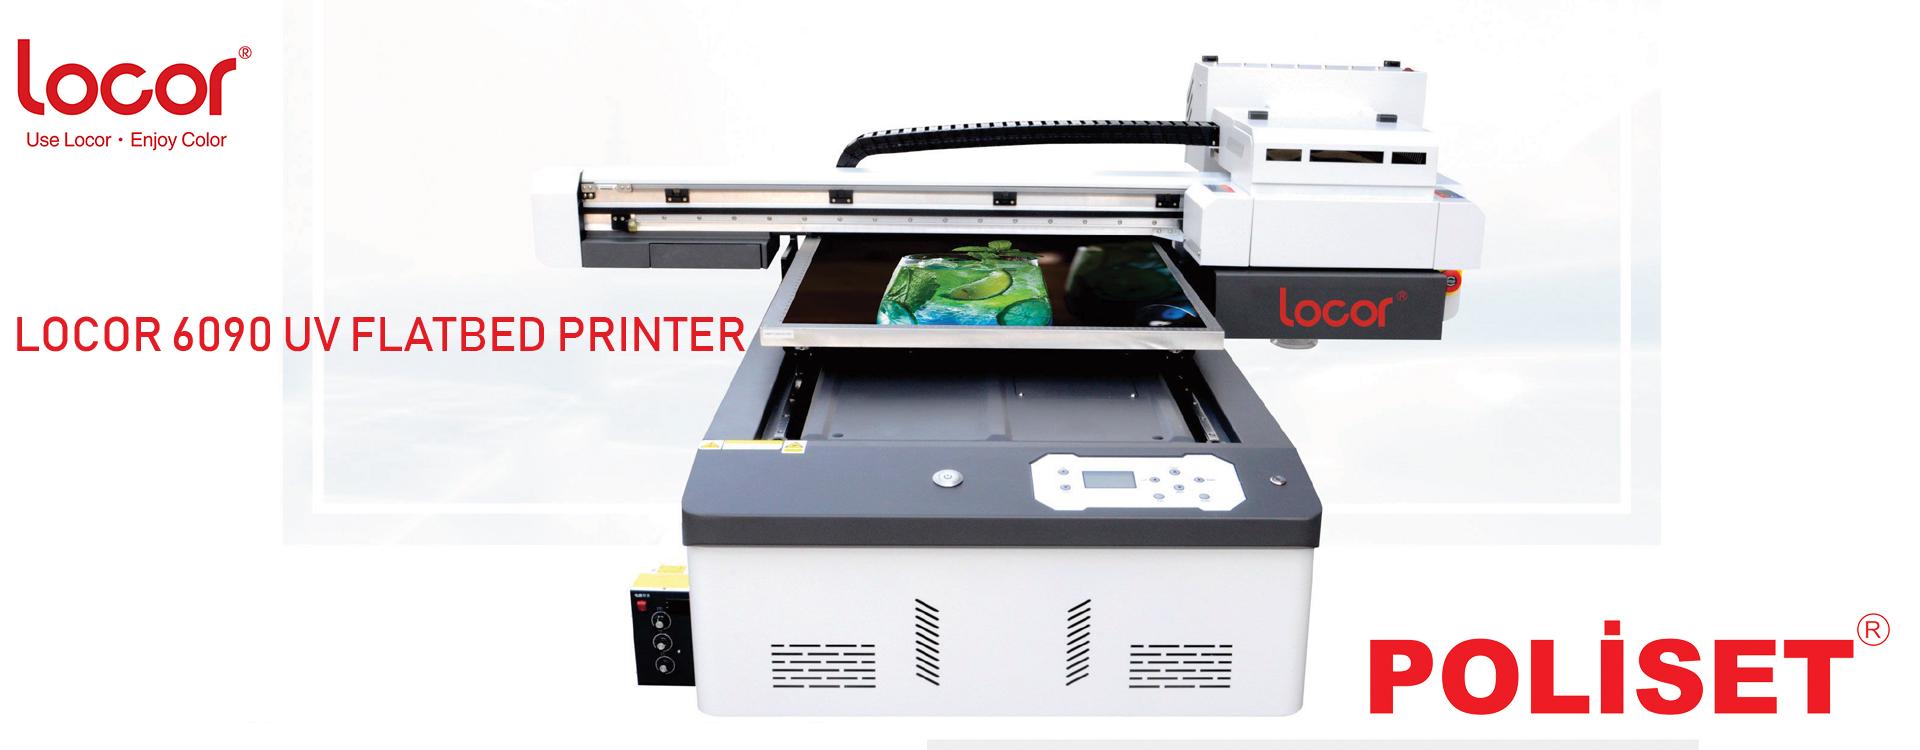 locor_6090_flatbed_printer_satis_bayi_istanbul